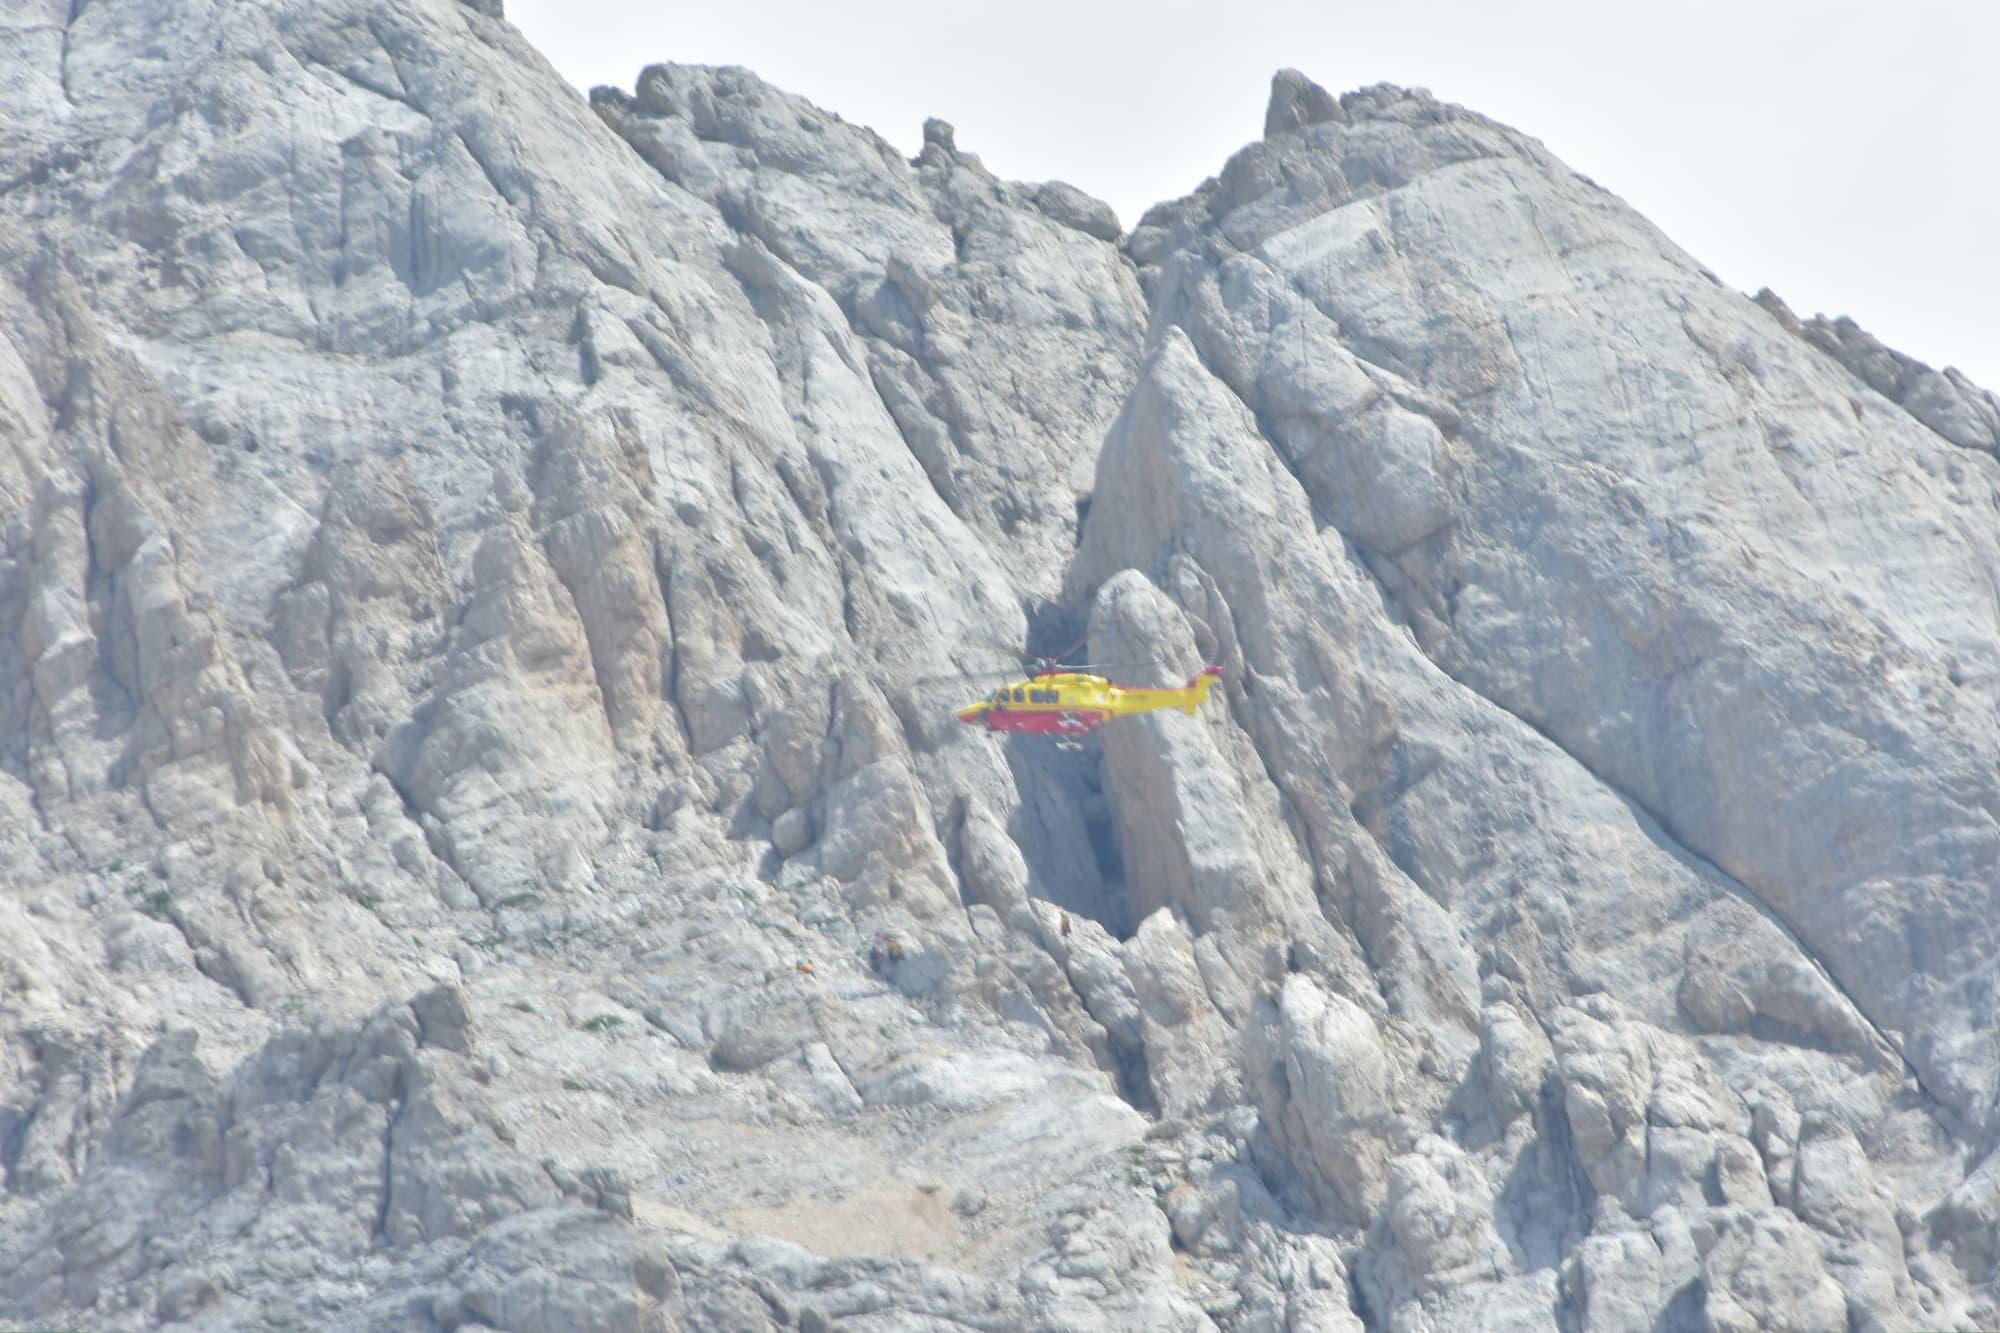 グランサッソのコルノグランデで怪我人の救出シーンに遭遇。イタリア山岳会会員は無償で受けられるヘリコプターによる救出